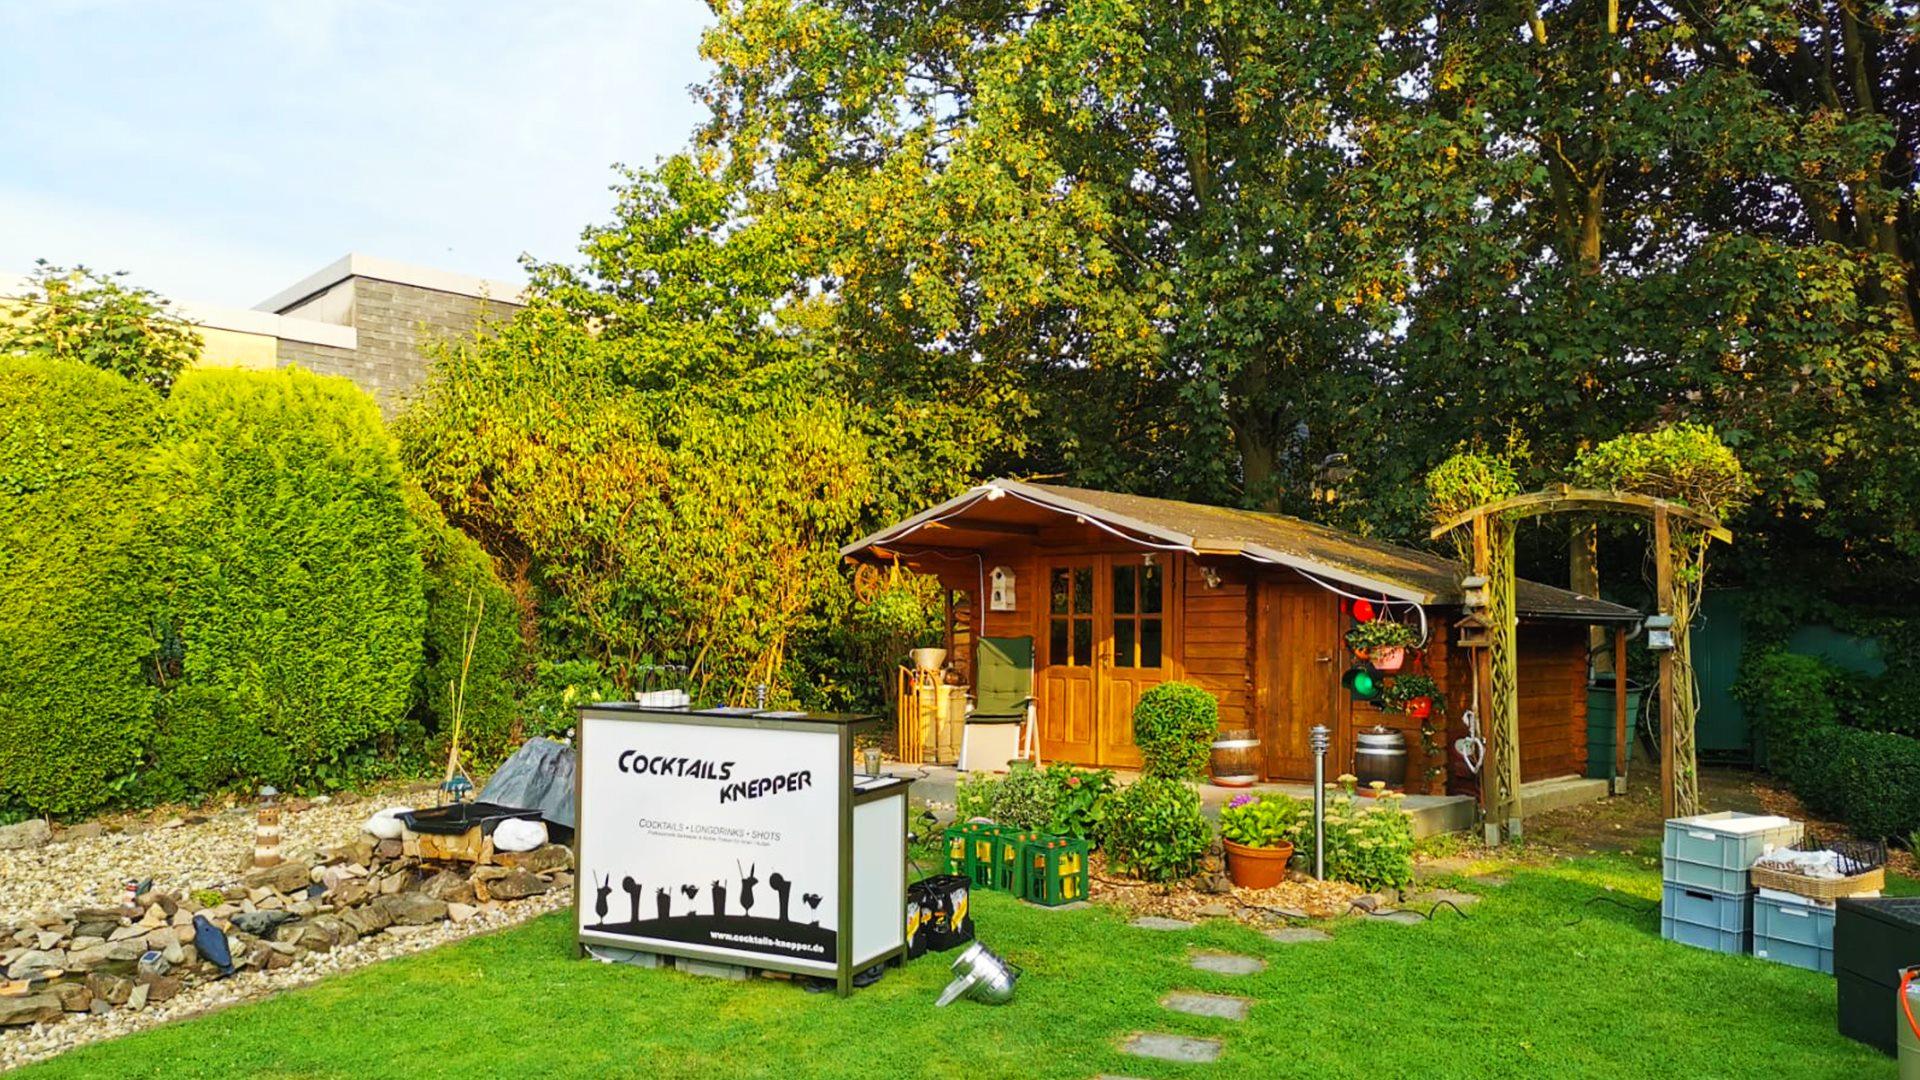 Grillservice Knepper - Grillfest in Hattingen - Gartenfeier mit Buffet und Cocktails (1)